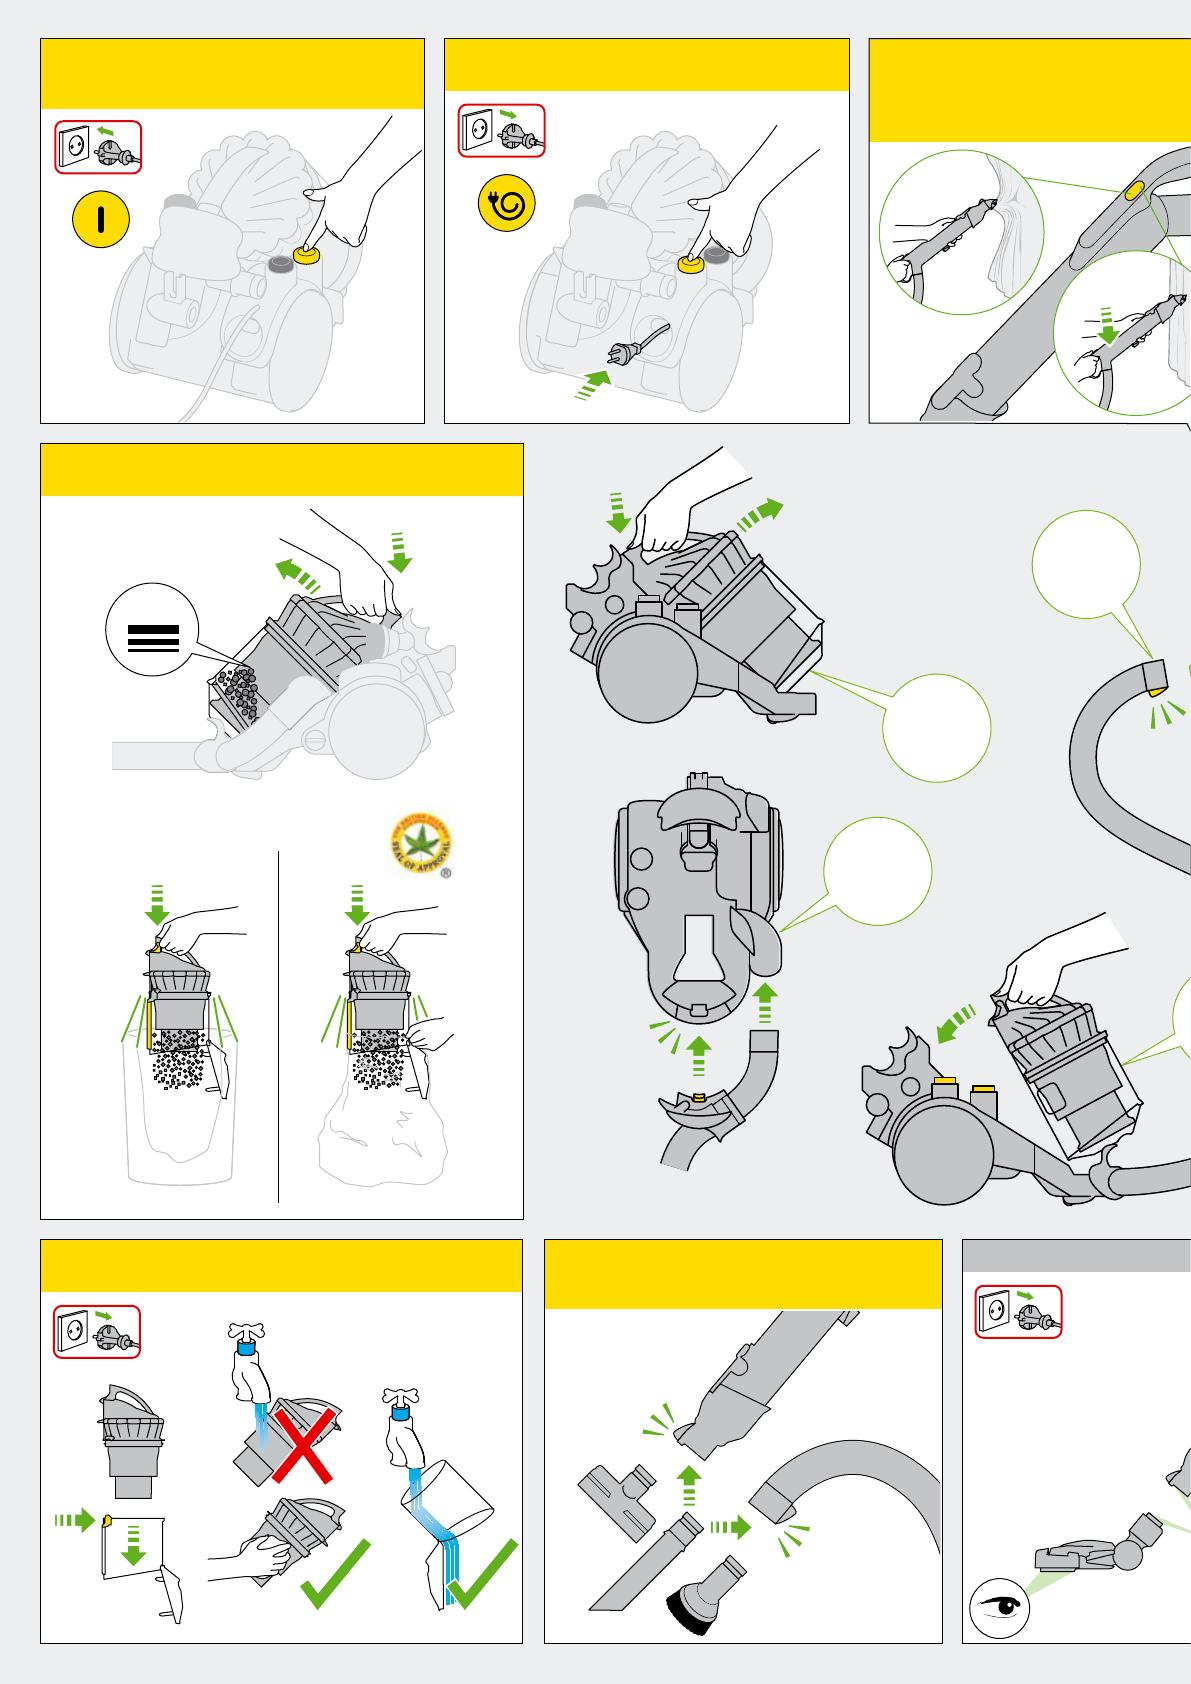 Dyson stowaway инструкция щетка дайсон как разобрать